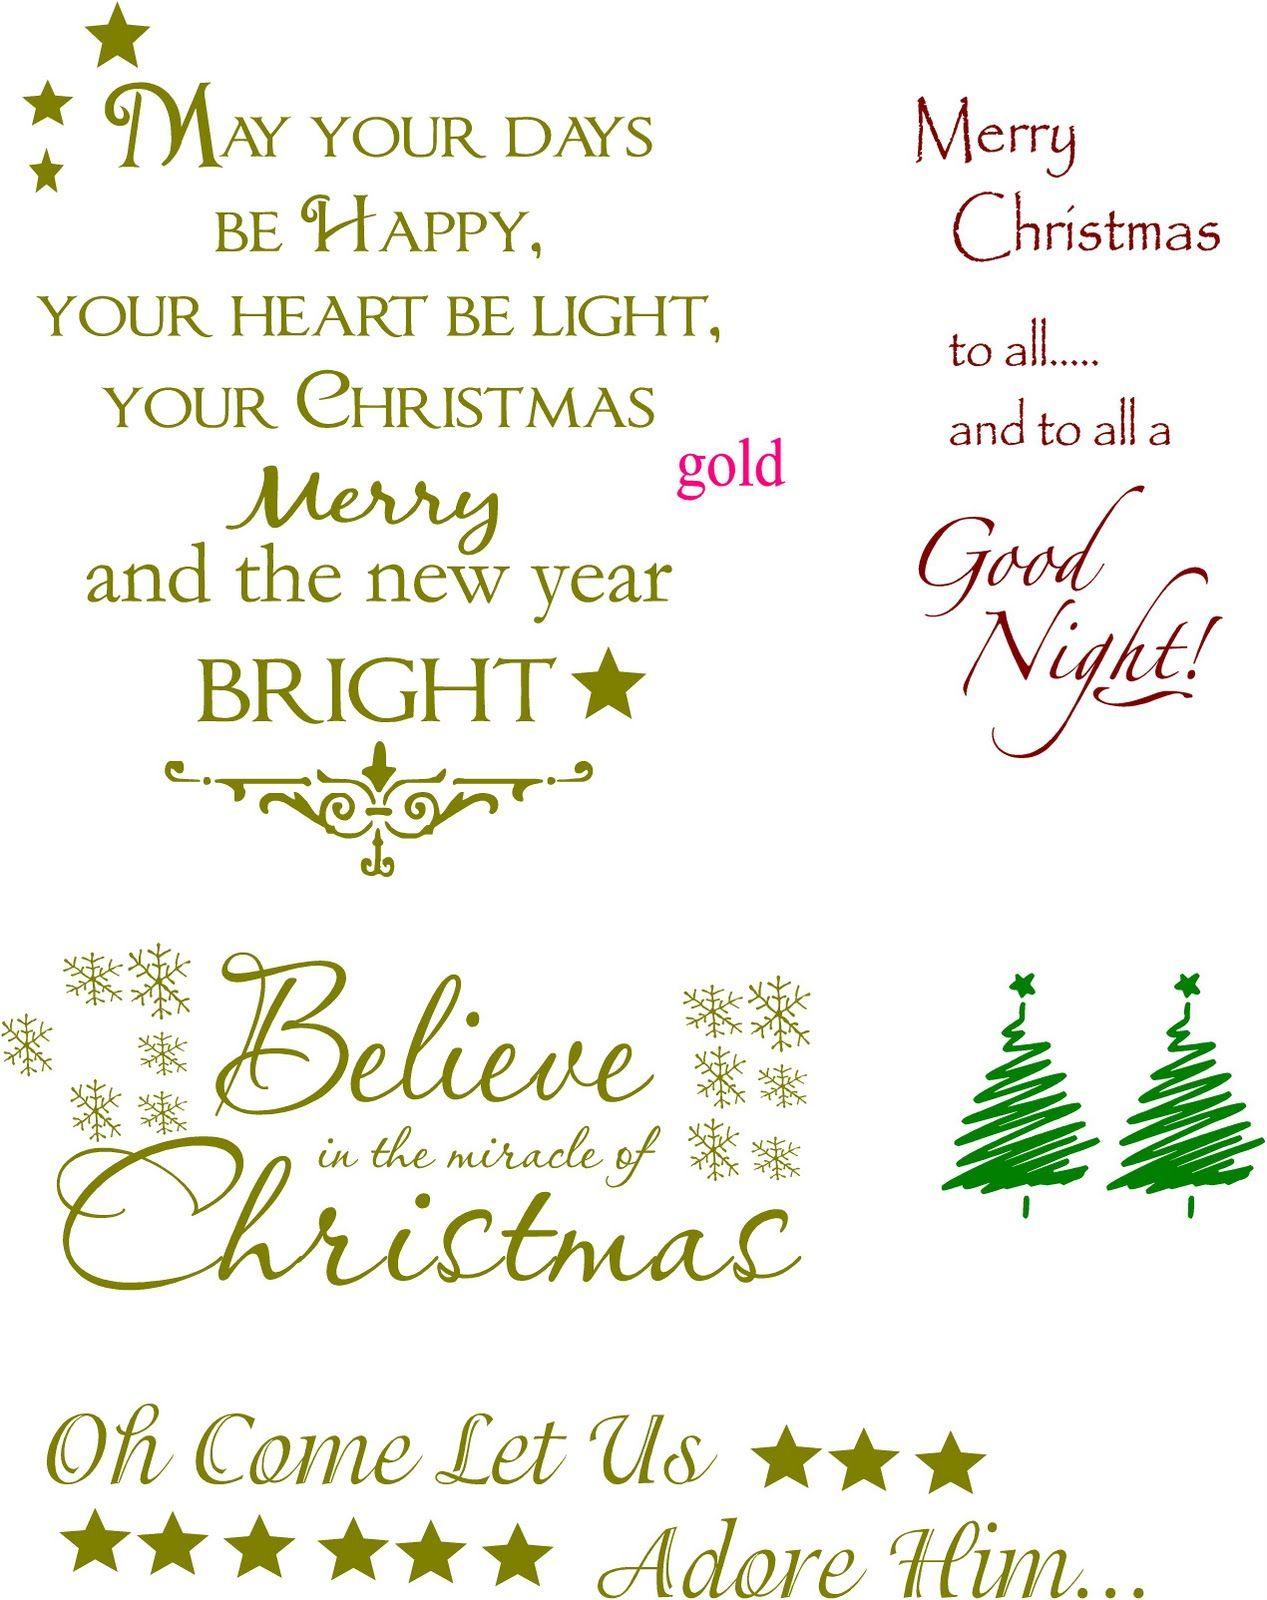 Christmas Greeting Cards Christmas Card Sayings Christmas Card Messages Card Sayings